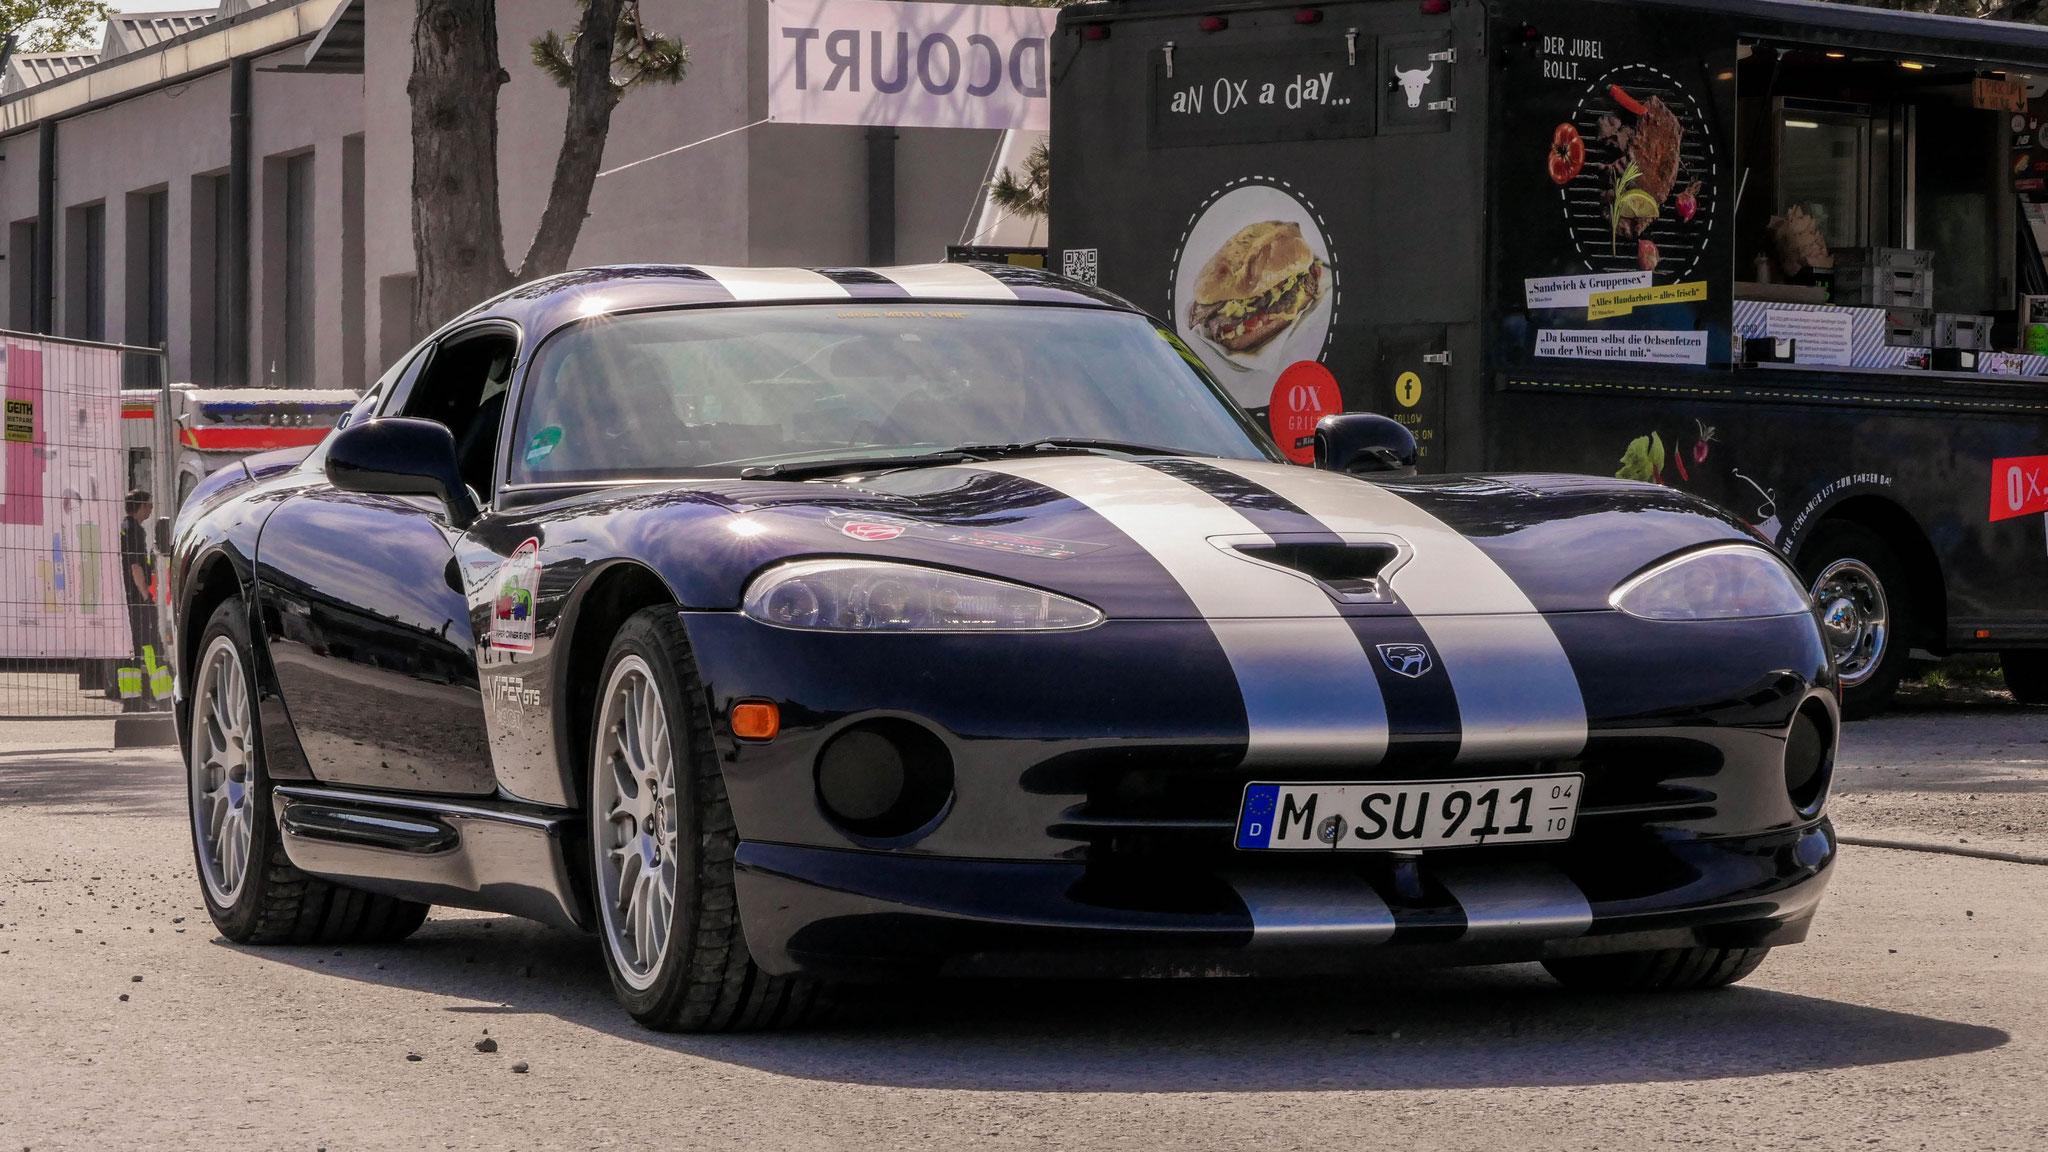 Dodge Viper GTS - M-SU-911